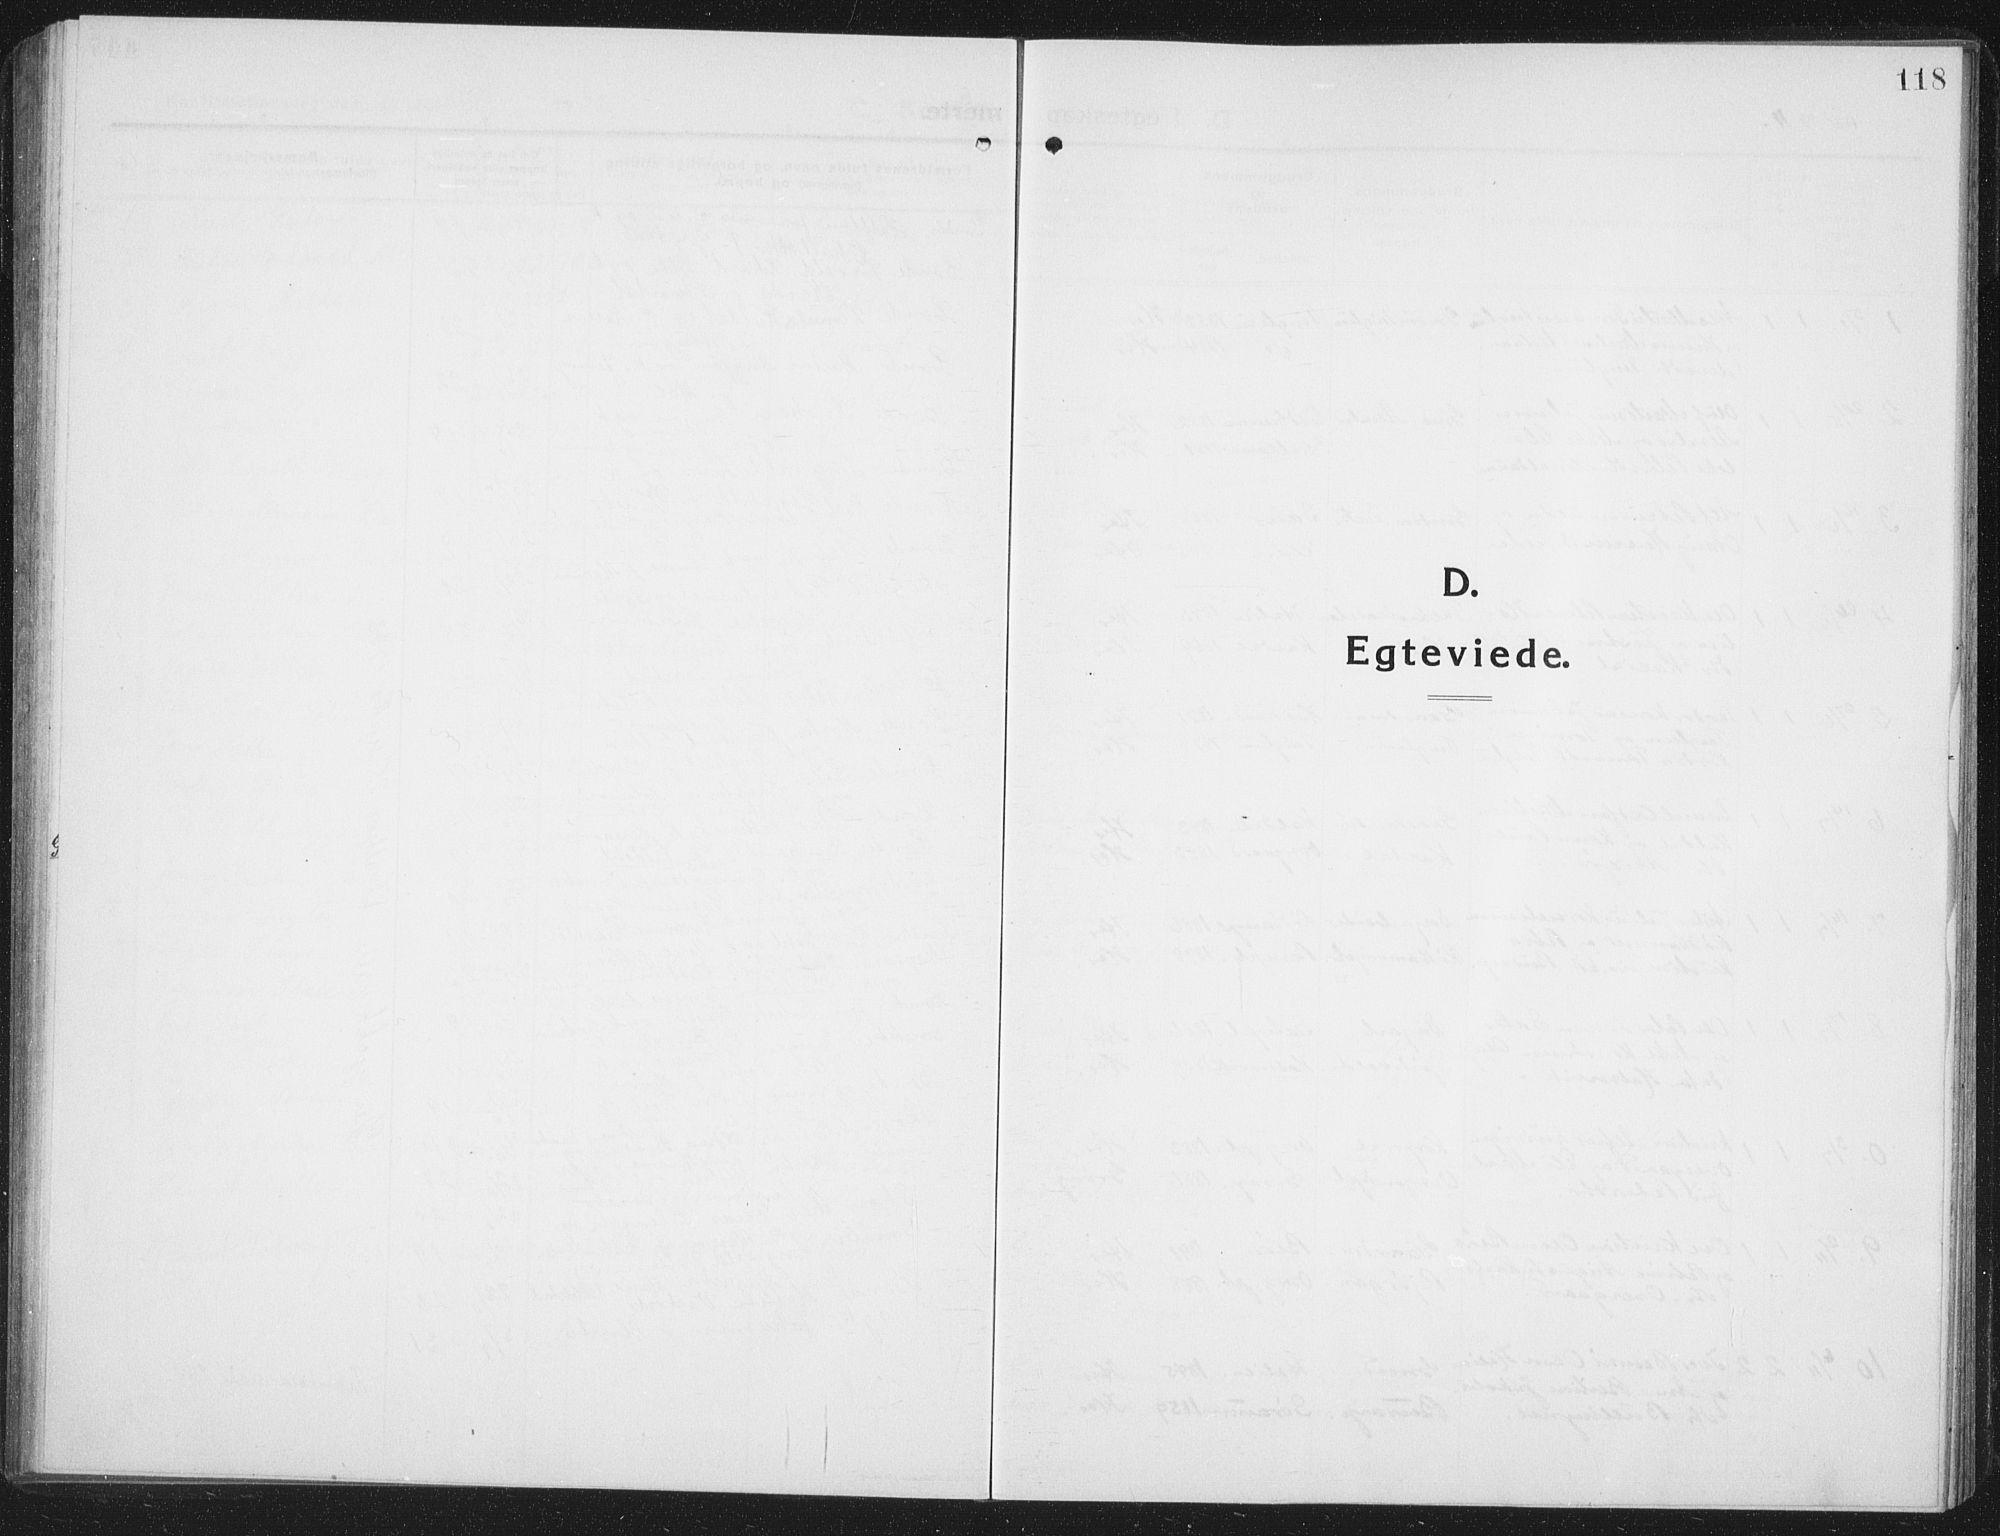 SAT, Ministerialprotokoller, klokkerbøker og fødselsregistre - Nord-Trøndelag, 742/L0413: Klokkerbok nr. 742C04, 1911-1938, s. 118